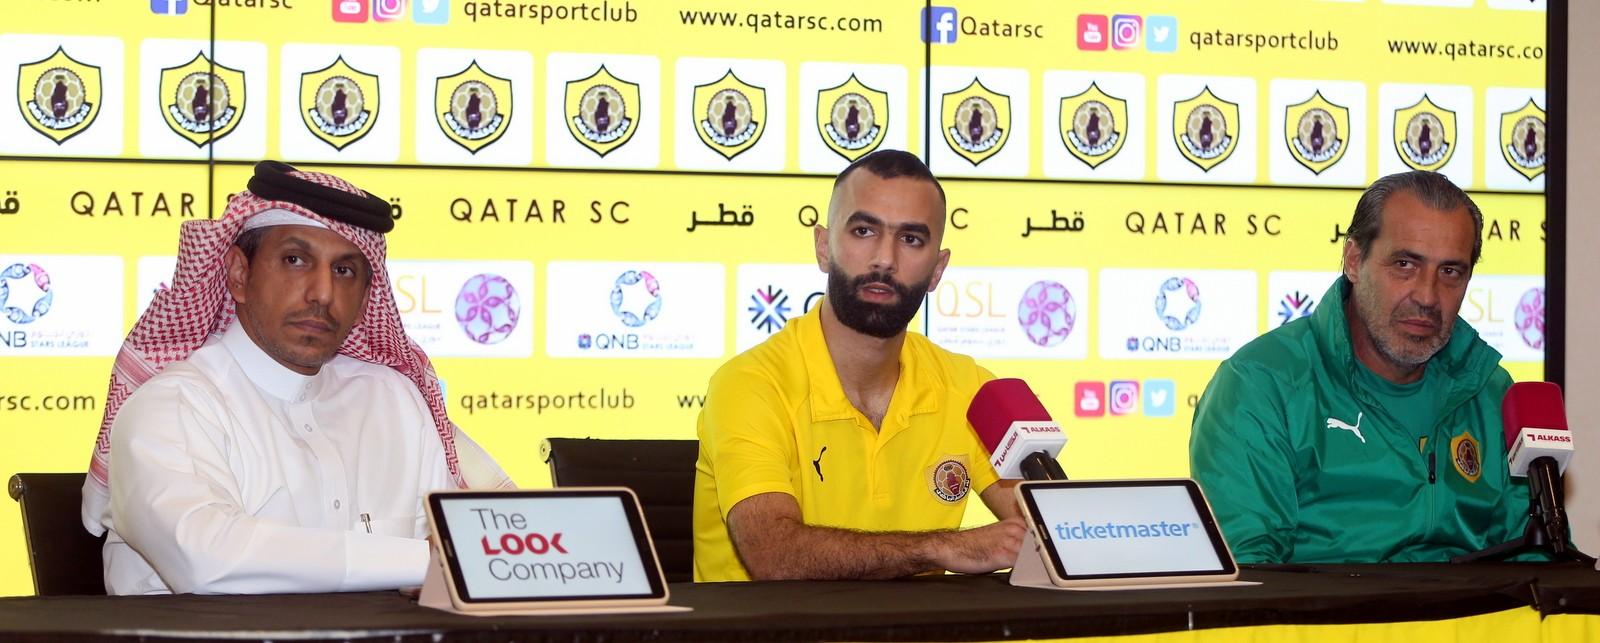 We are prepared to face Al Duhail: Qatar SC coach Batista